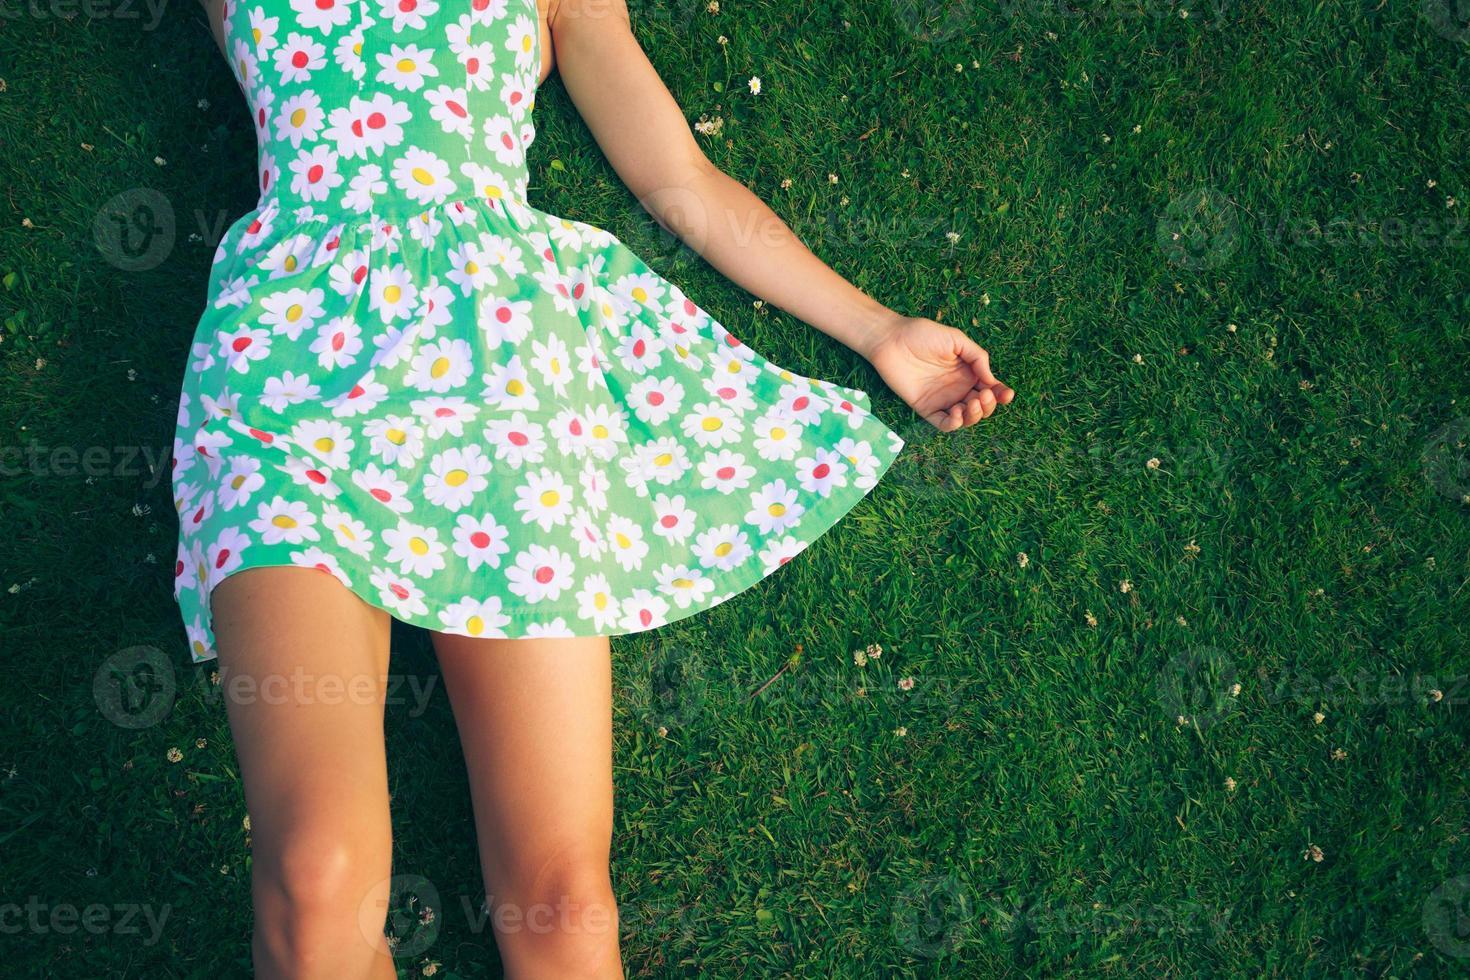 jonge vrouw in jurk liggend op gras foto